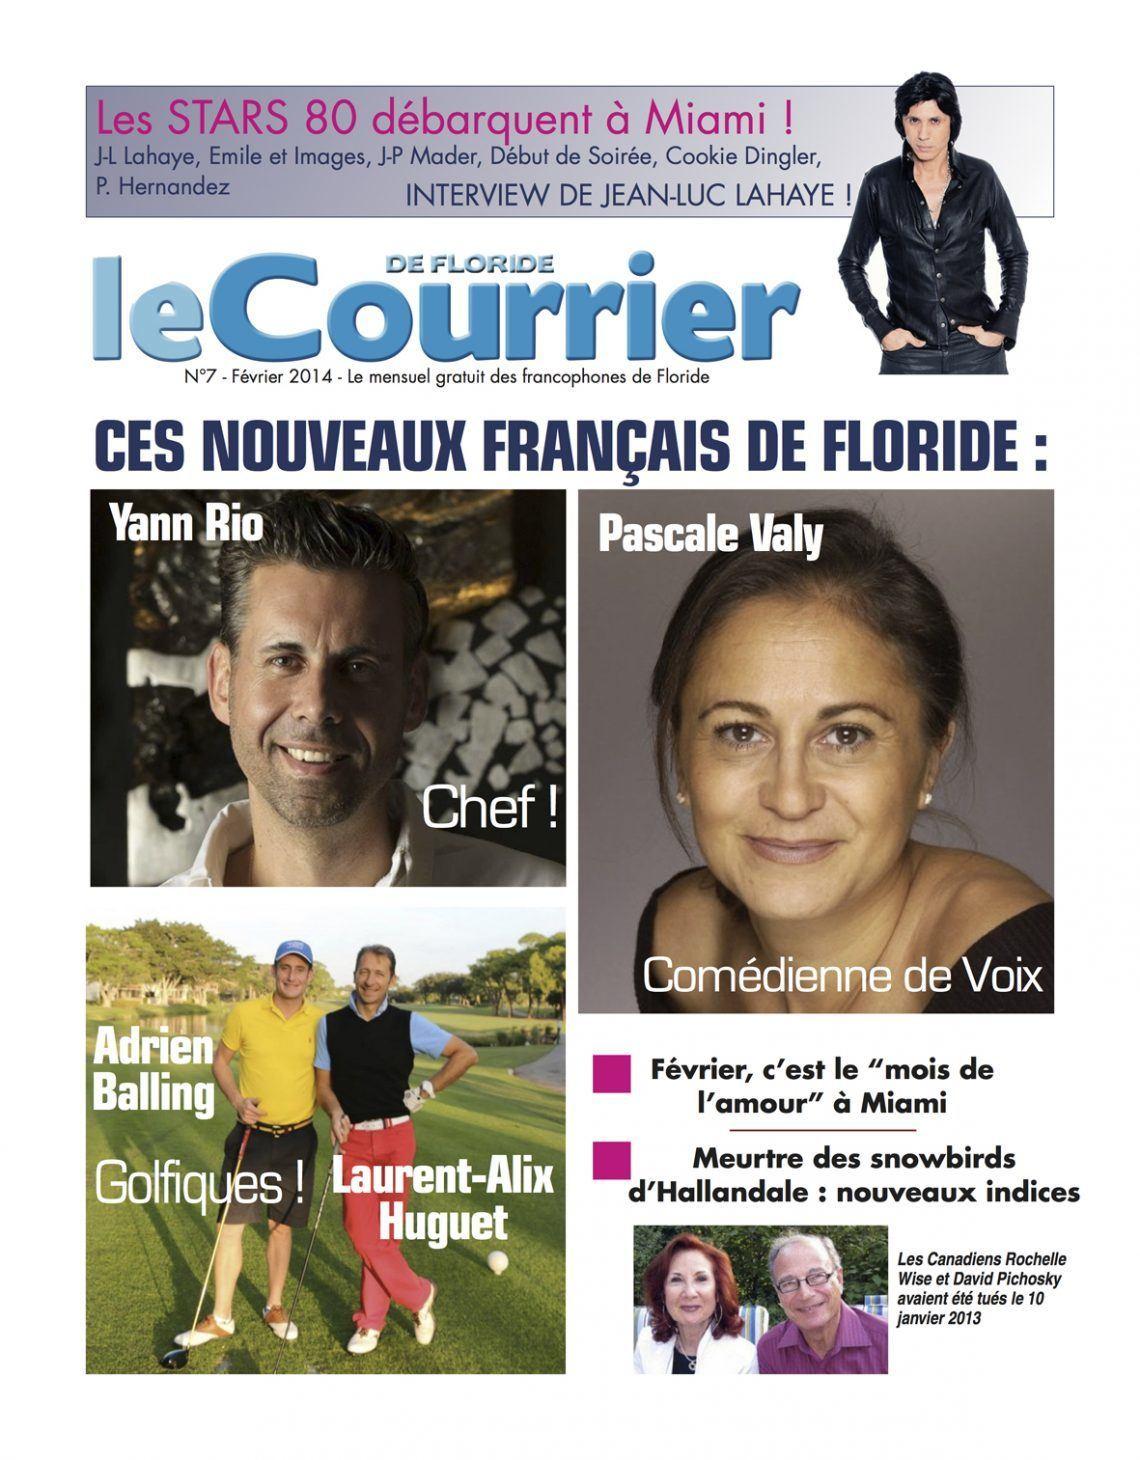 Courrier de Floride - Février 2014